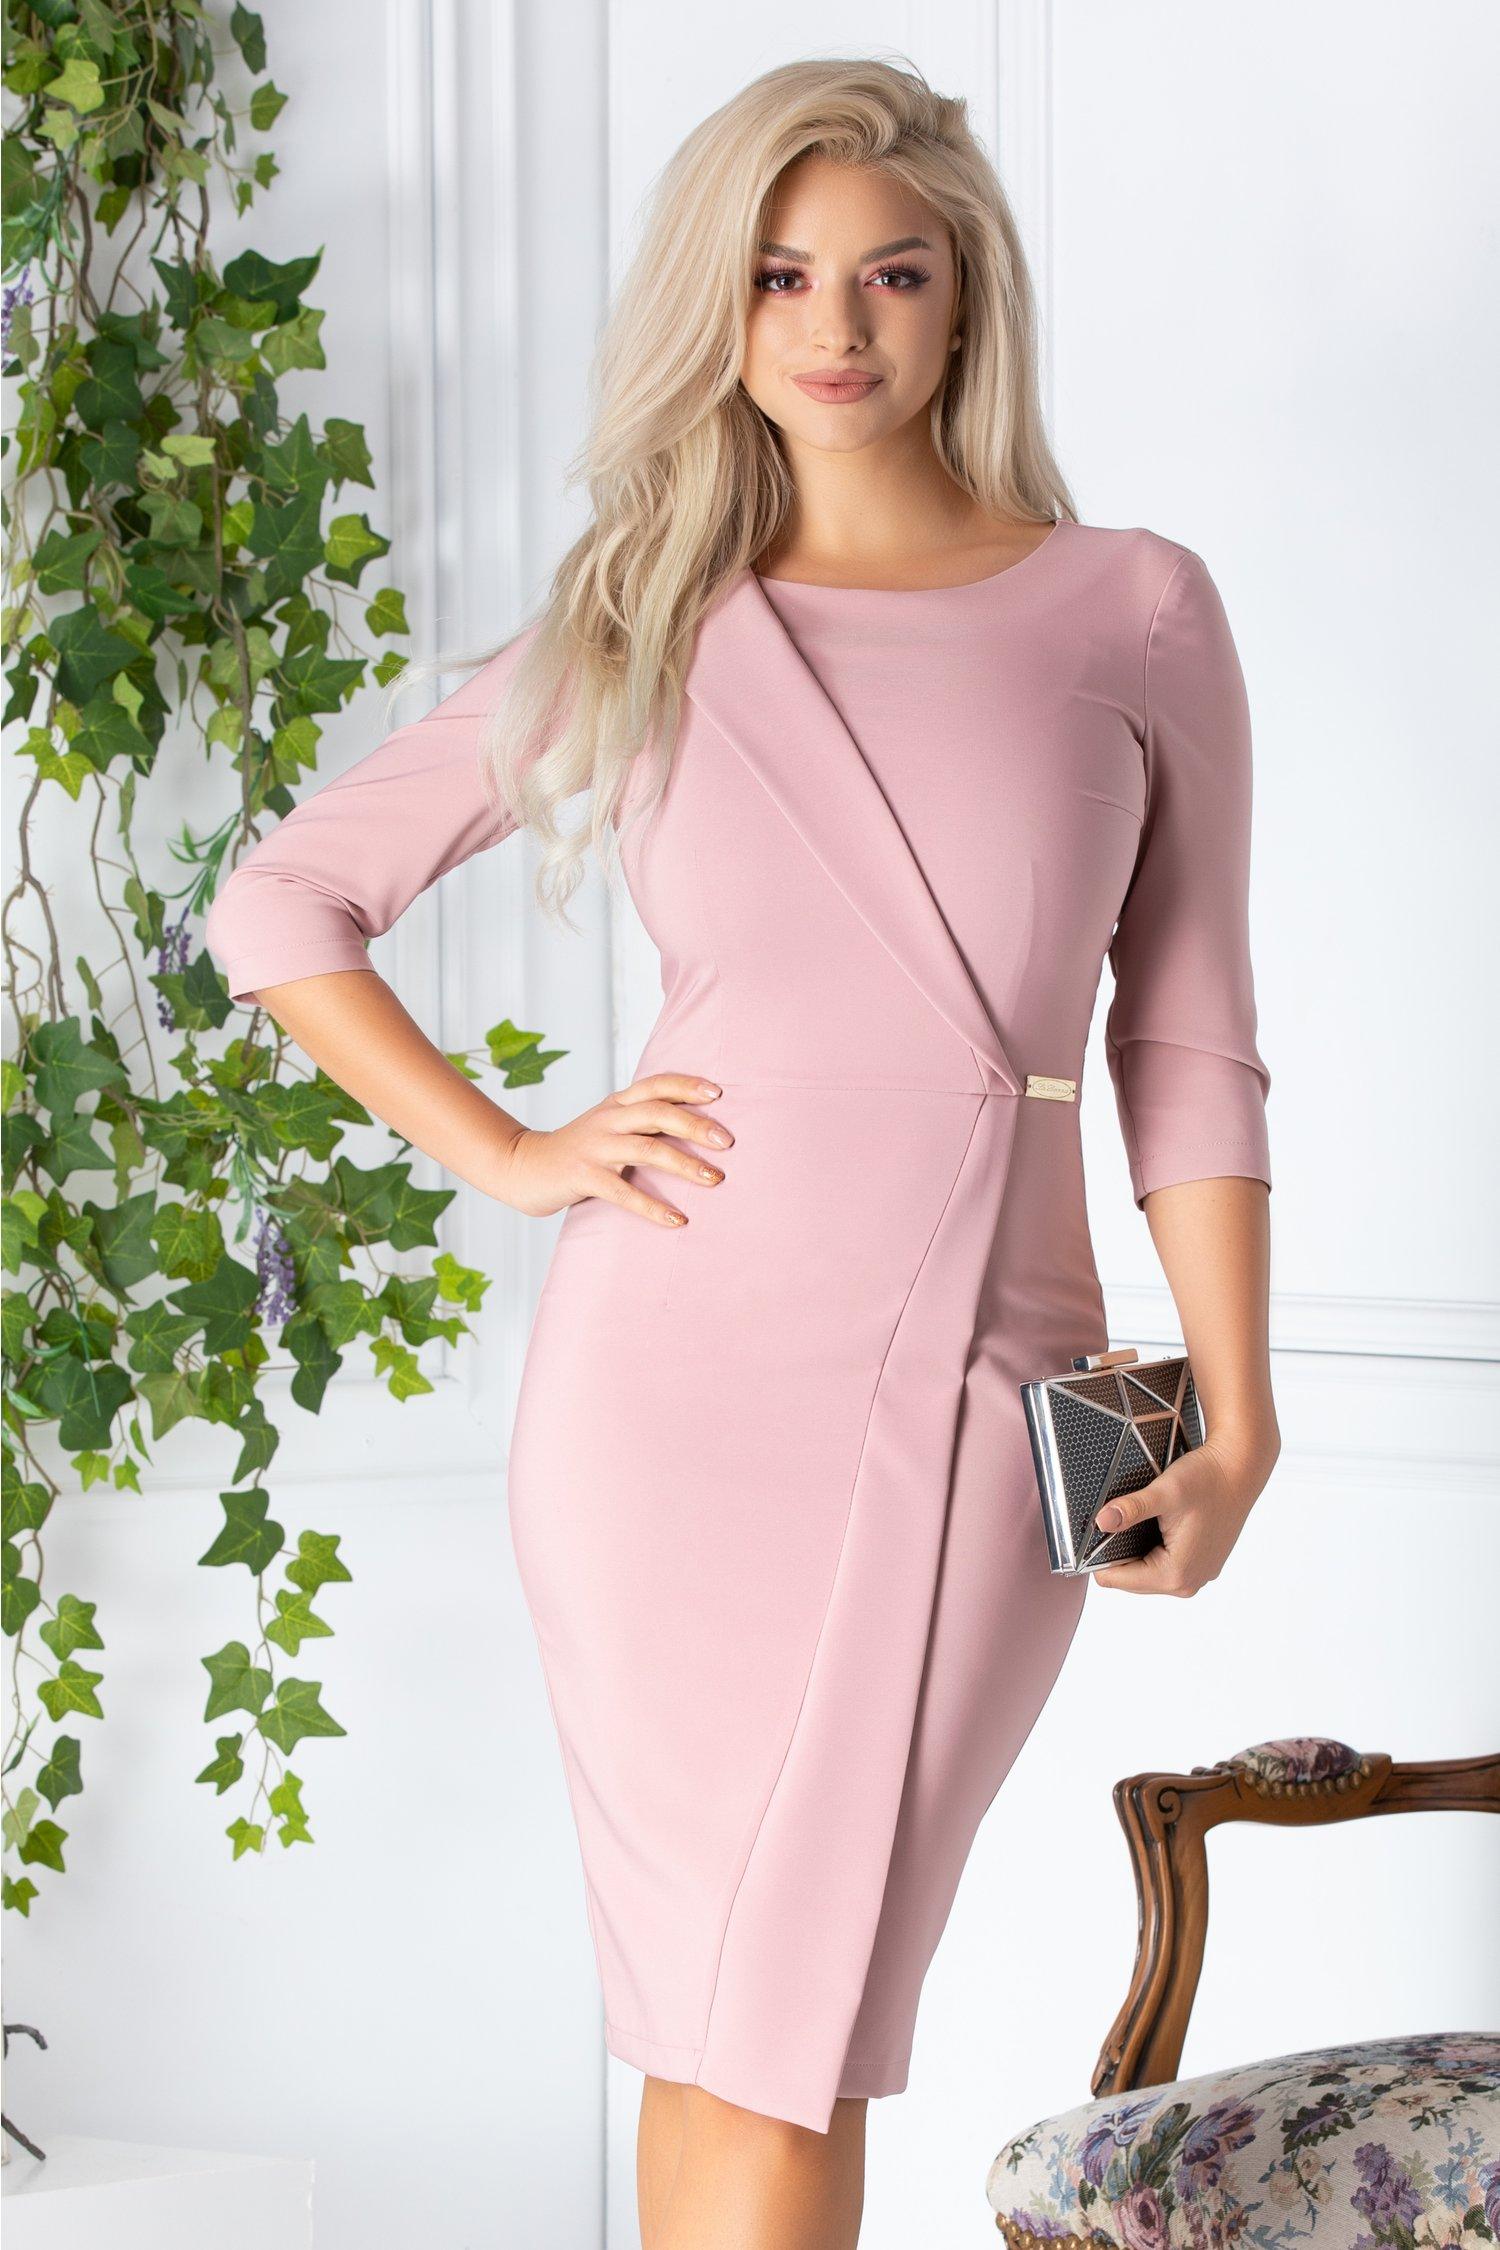 Rochie La Donna roz prafuit conica eleganta